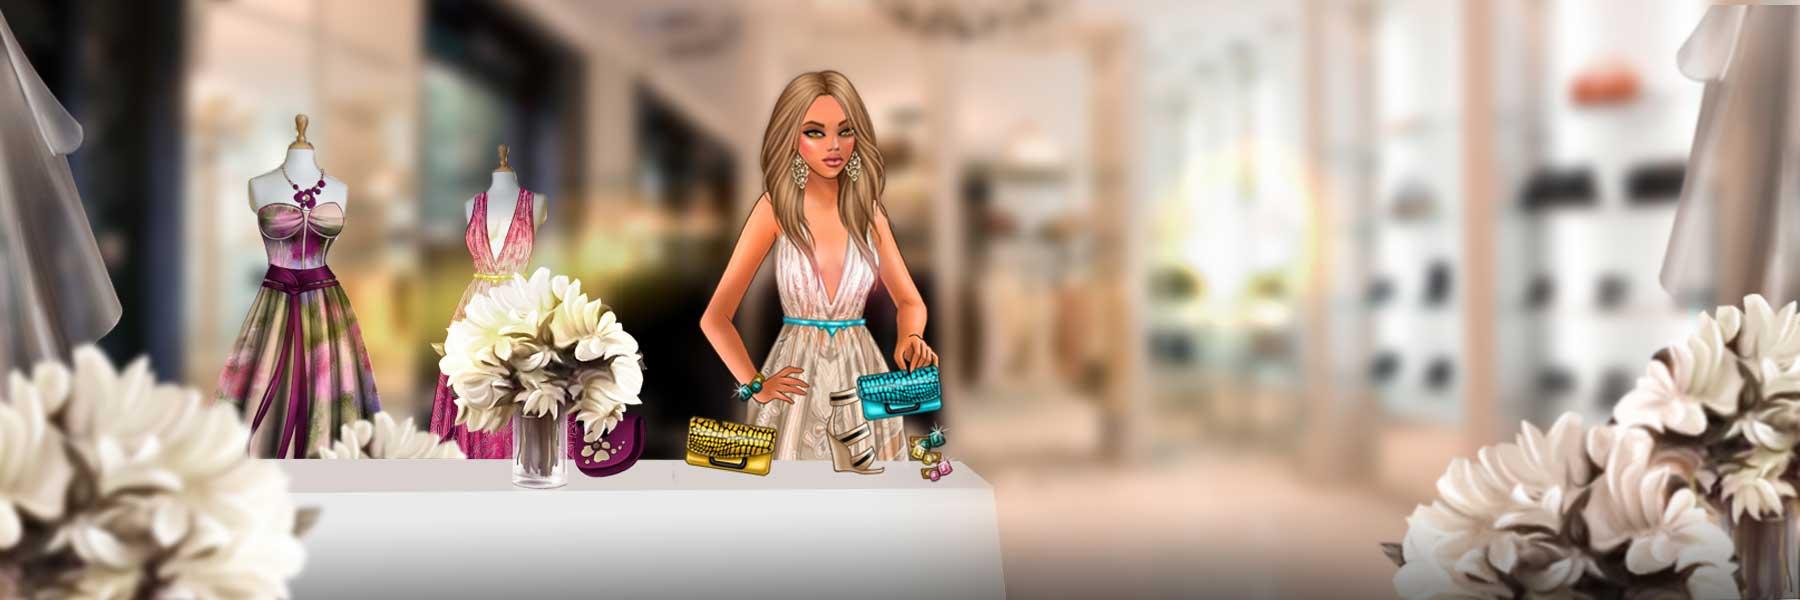 Lady Popular El Mejor Juego De Moda Vestir Online